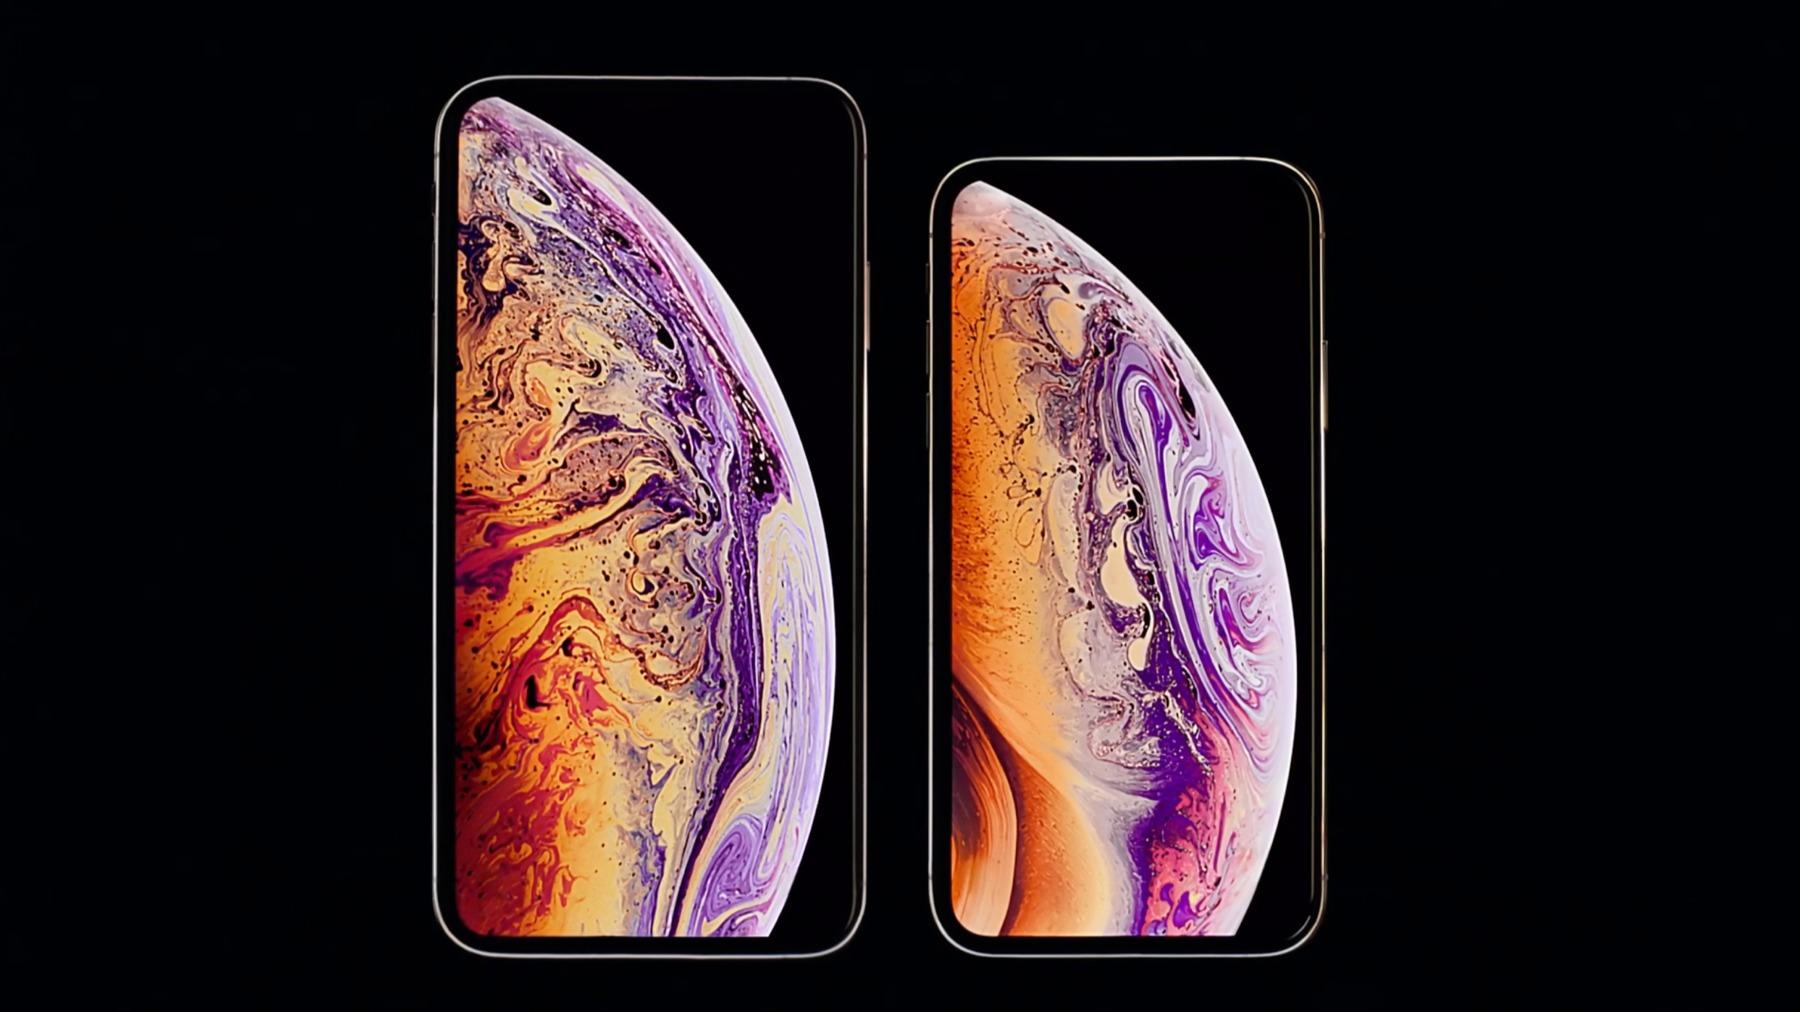 ドコモ、「iPhone XS/XS Max/XR」の販売価格を発表!iPhone XSなら実質負担金2,916円から